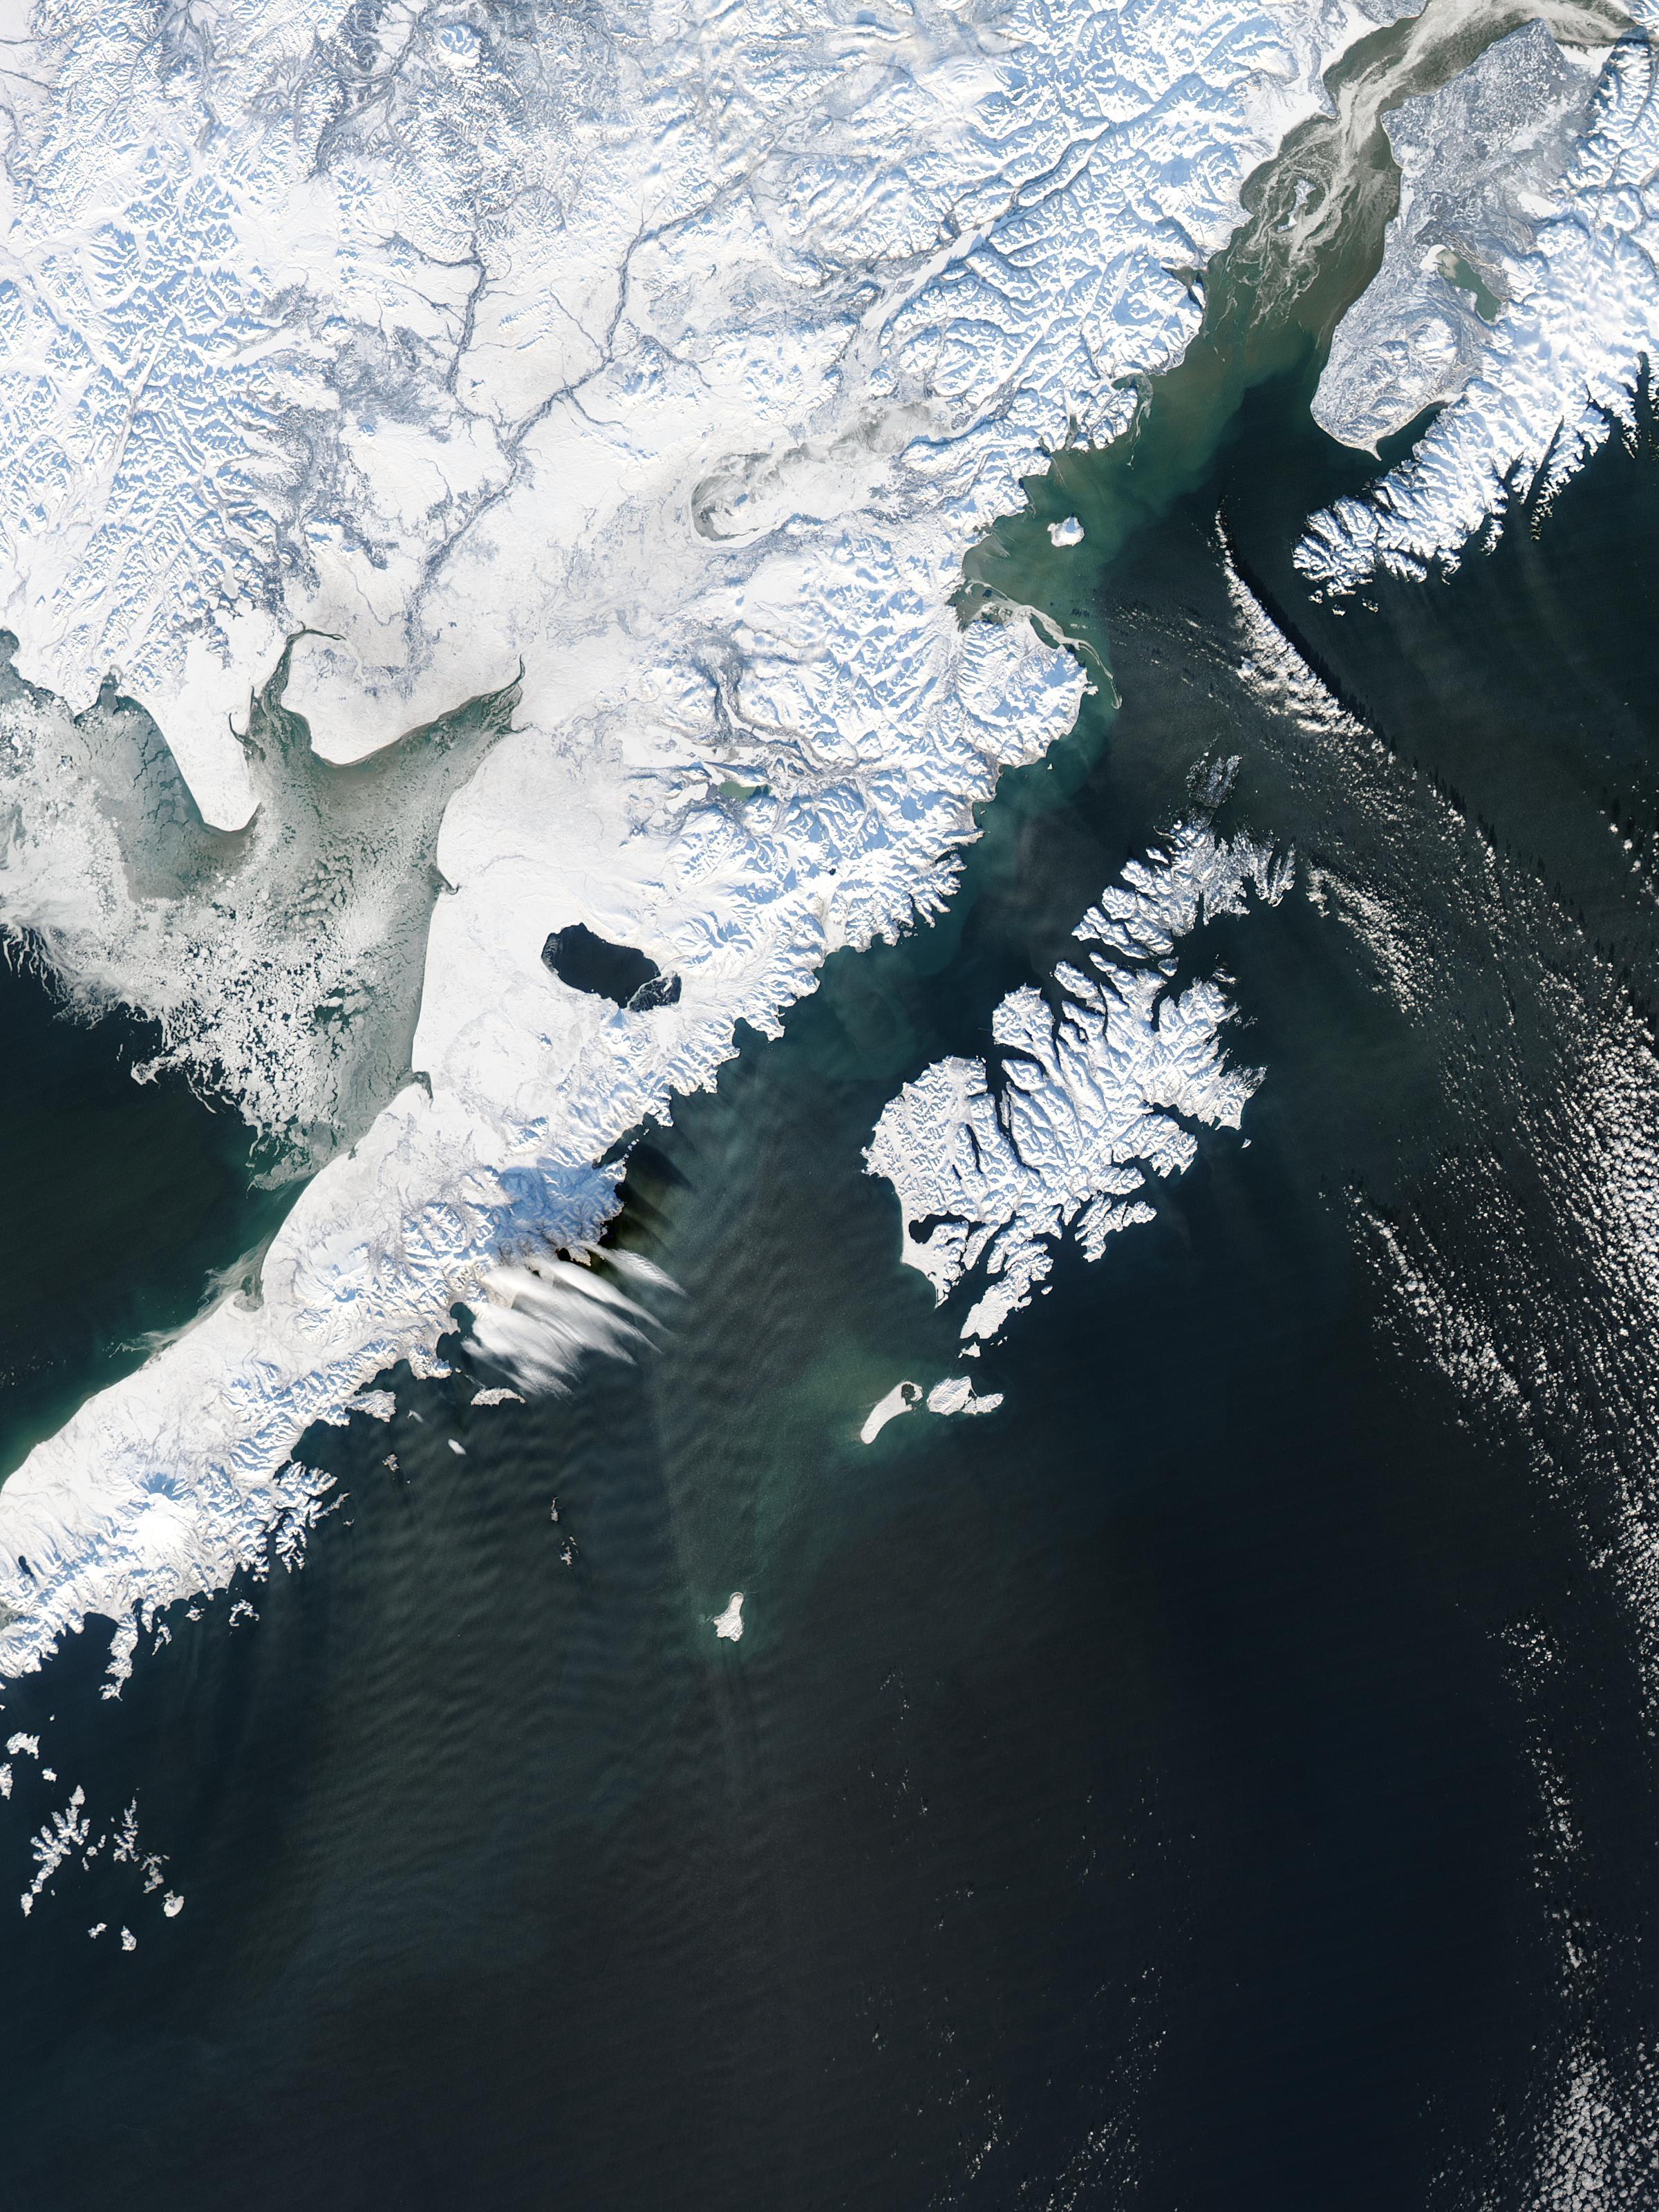 Olas de gravedad a través de una serpentina de nieve cerca de Alaska